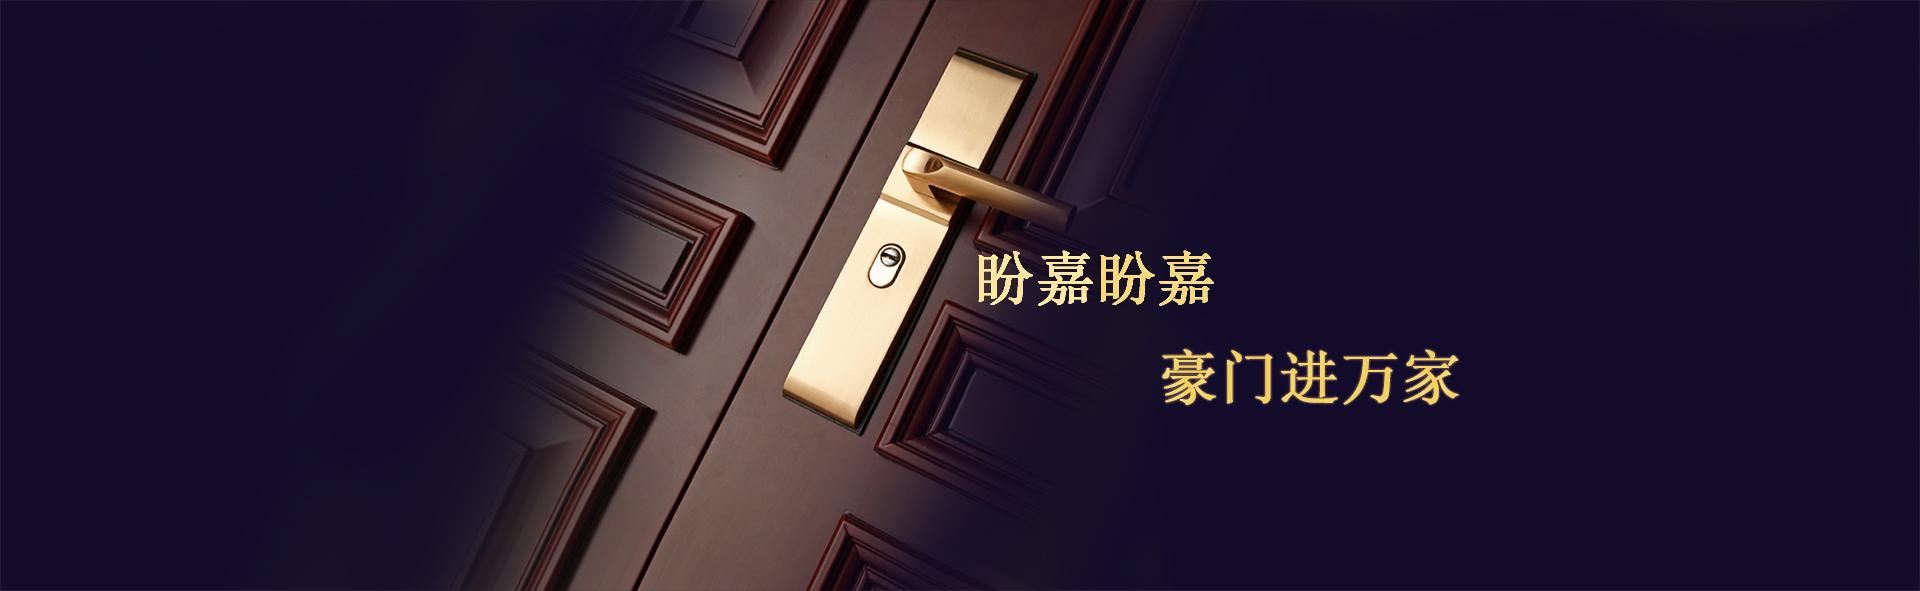 南阳防盗门